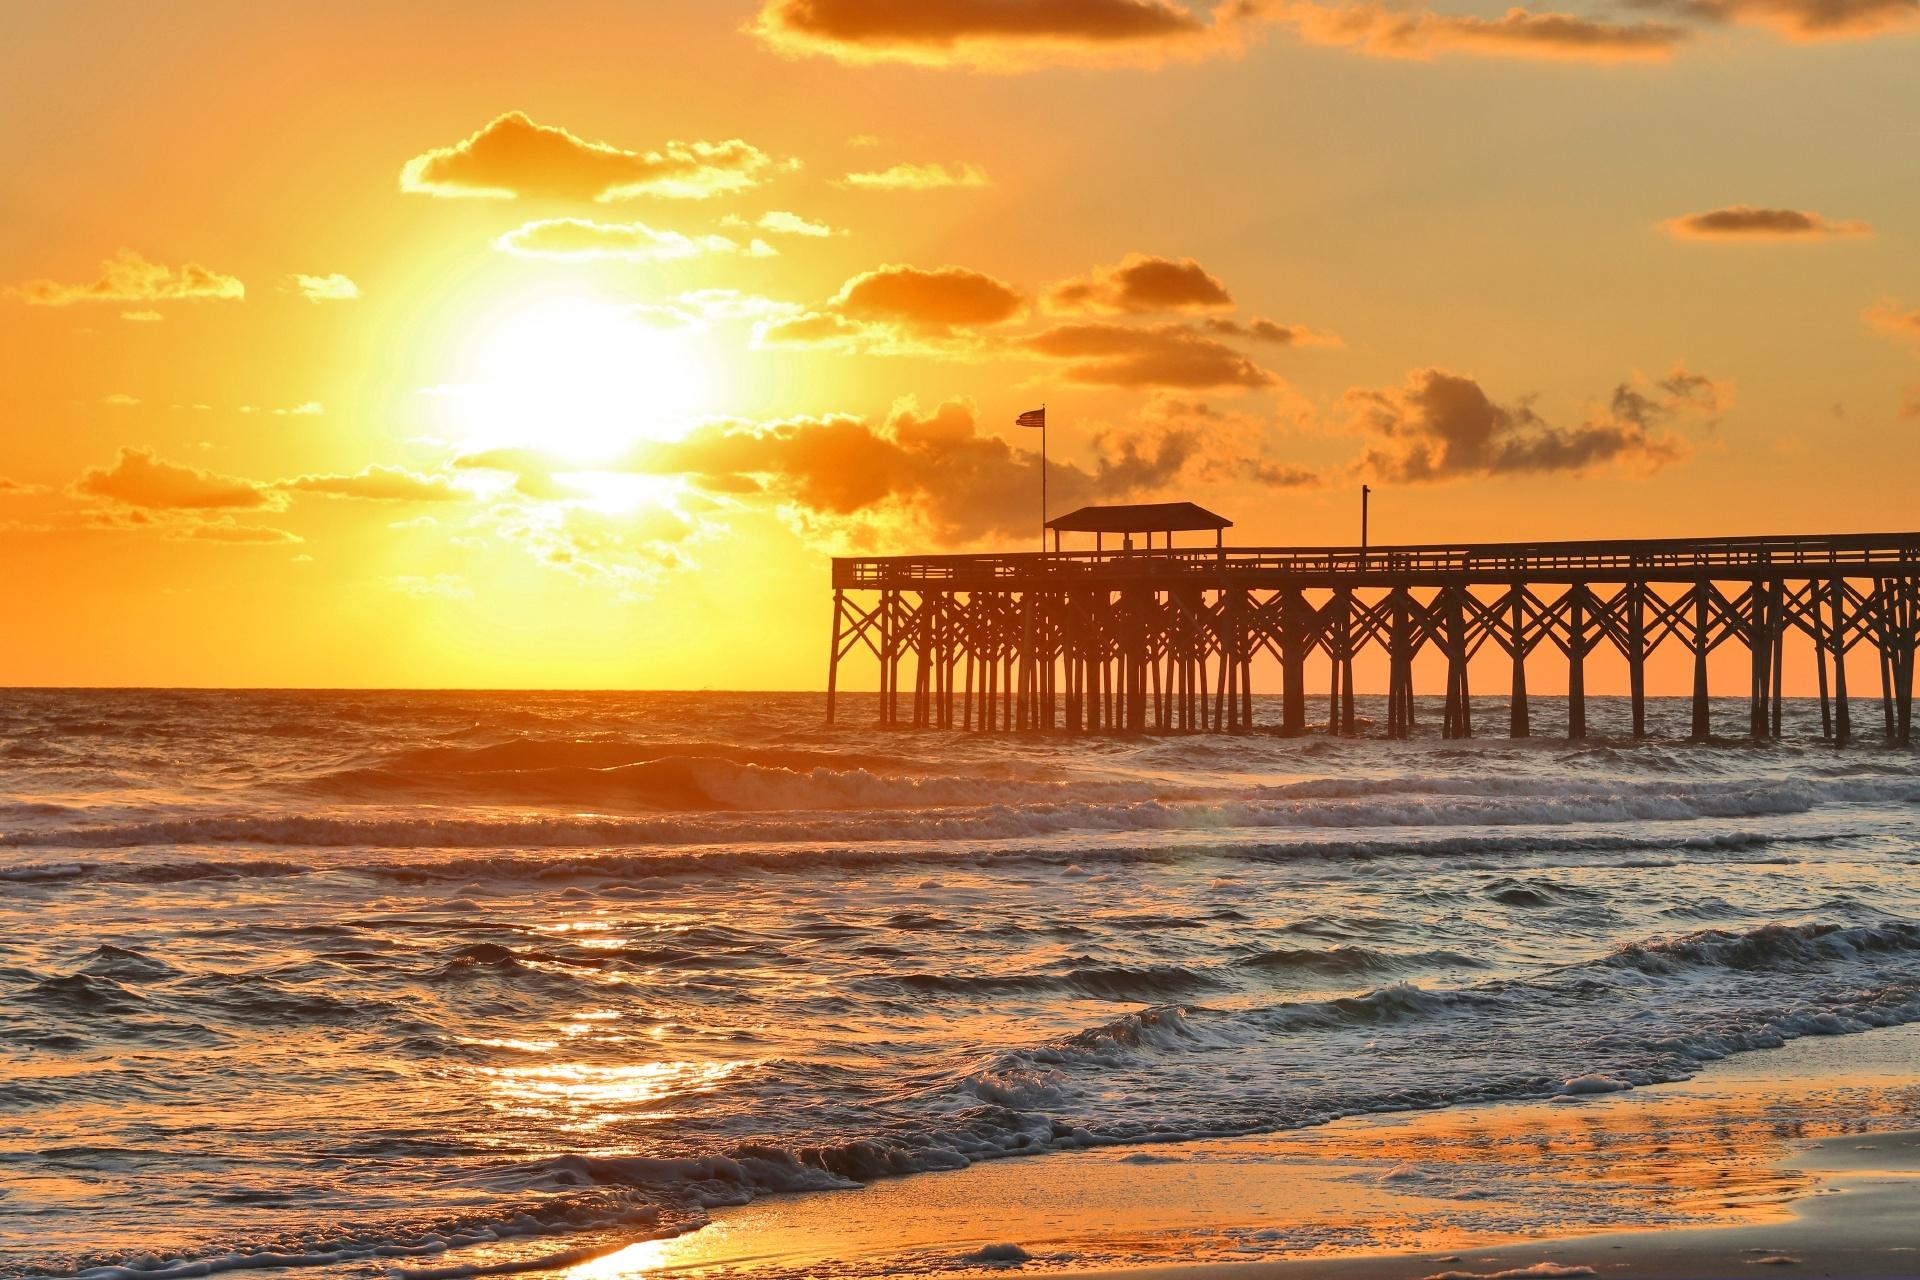 マートルビーチの日の出の風景 アメリカ合衆国の風景